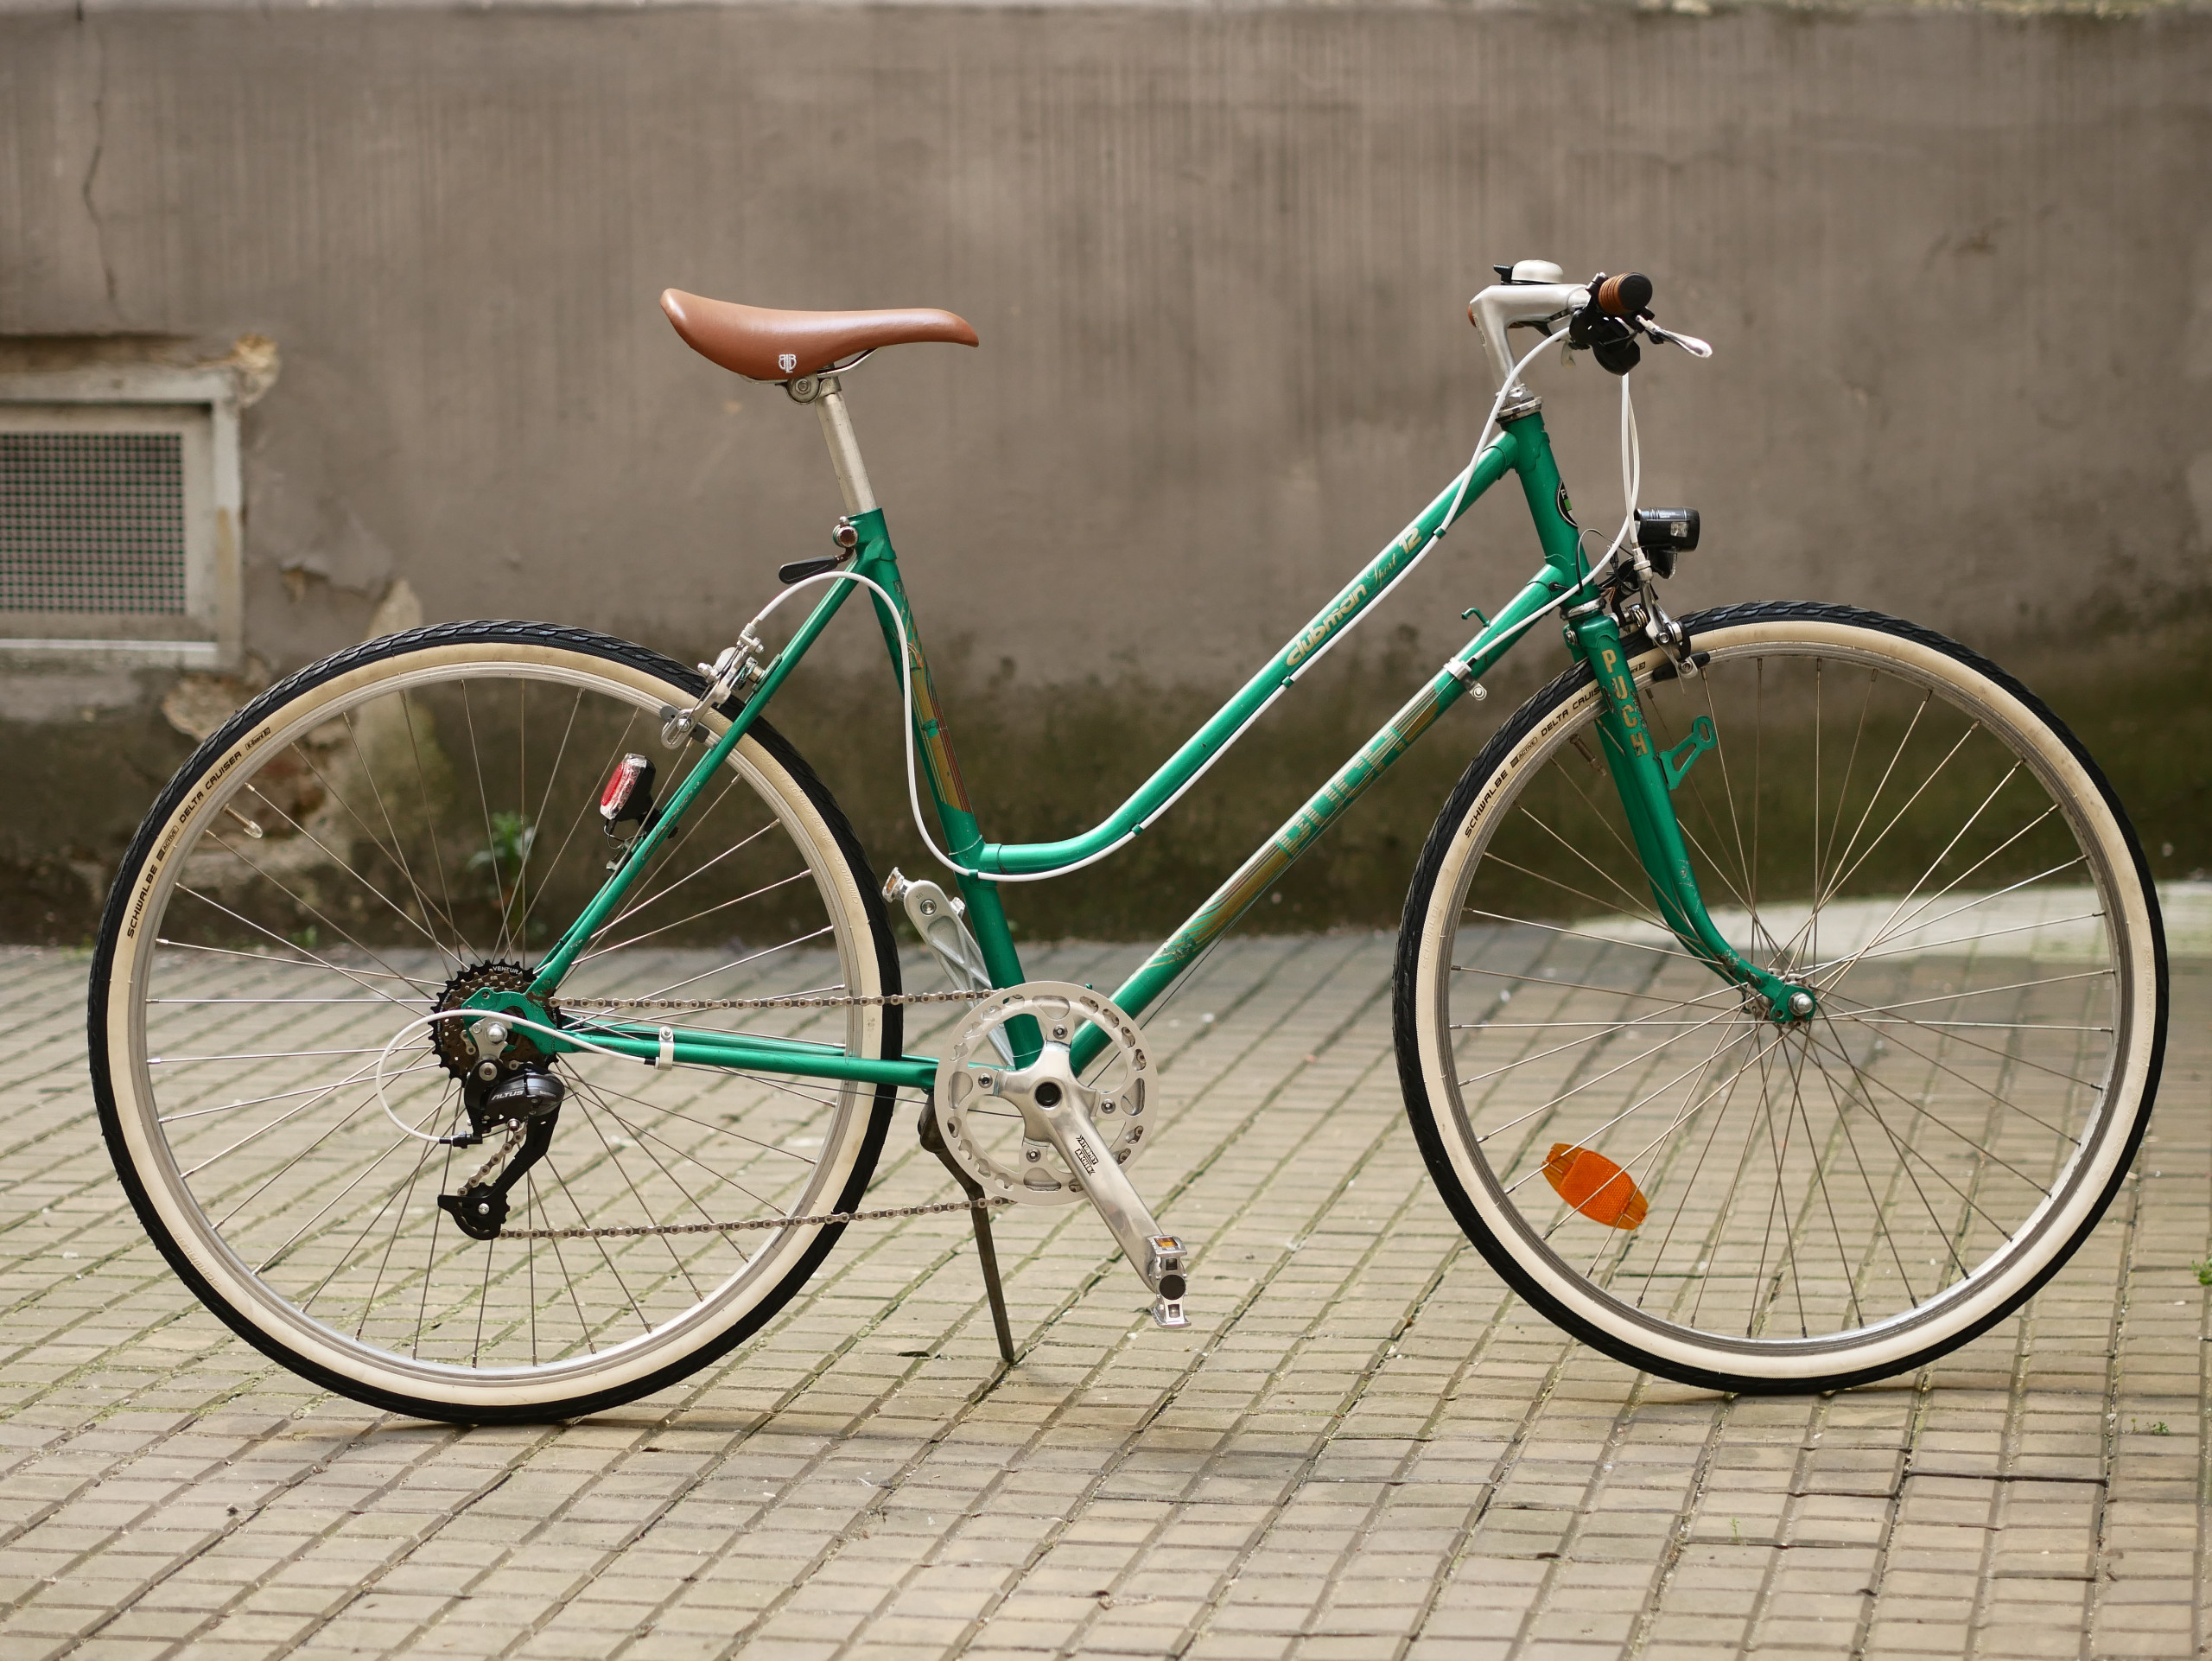 P1140262 scaled - SHOWROOM - custom bikes - neubau - vintage bikes